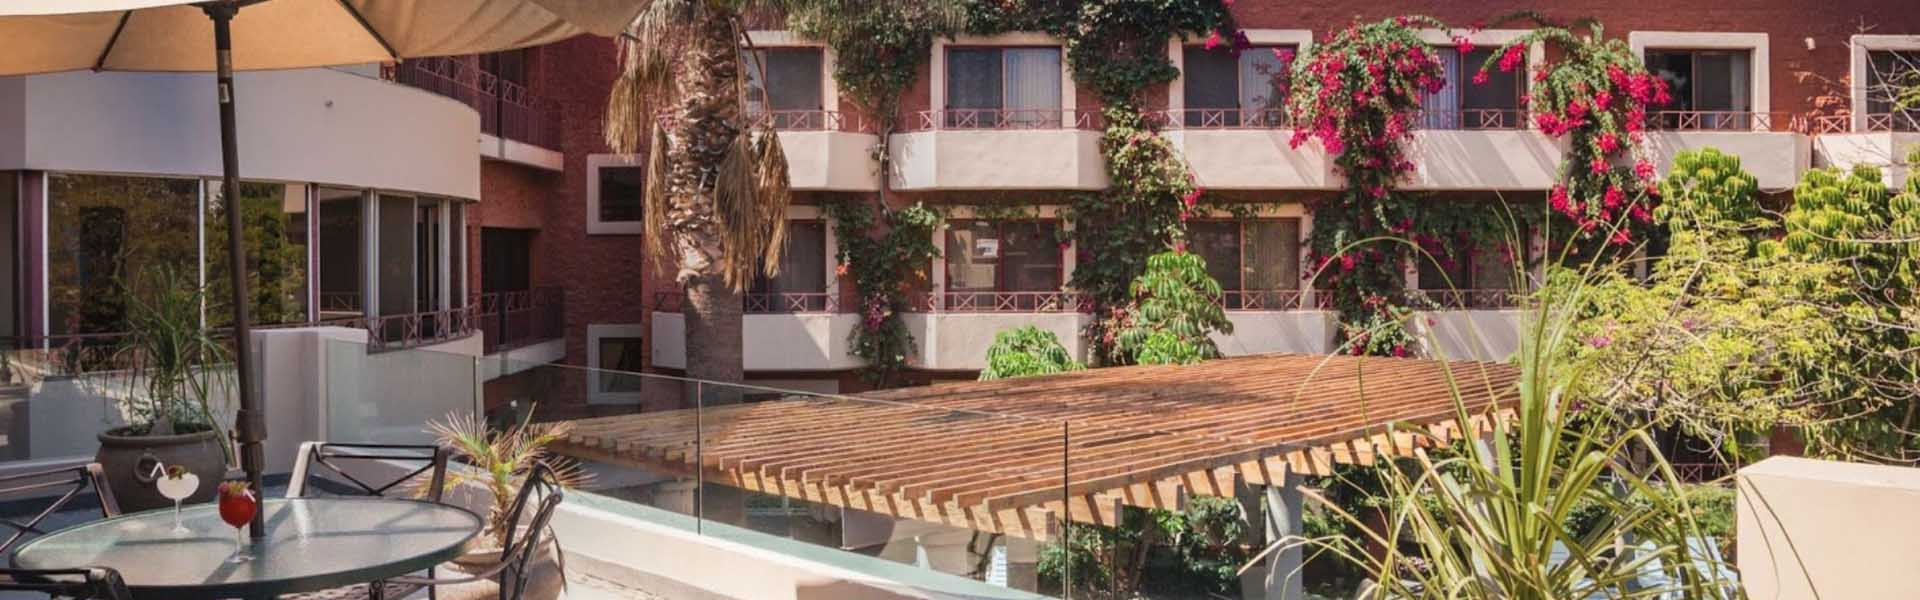 hotel-gamma-tijuana